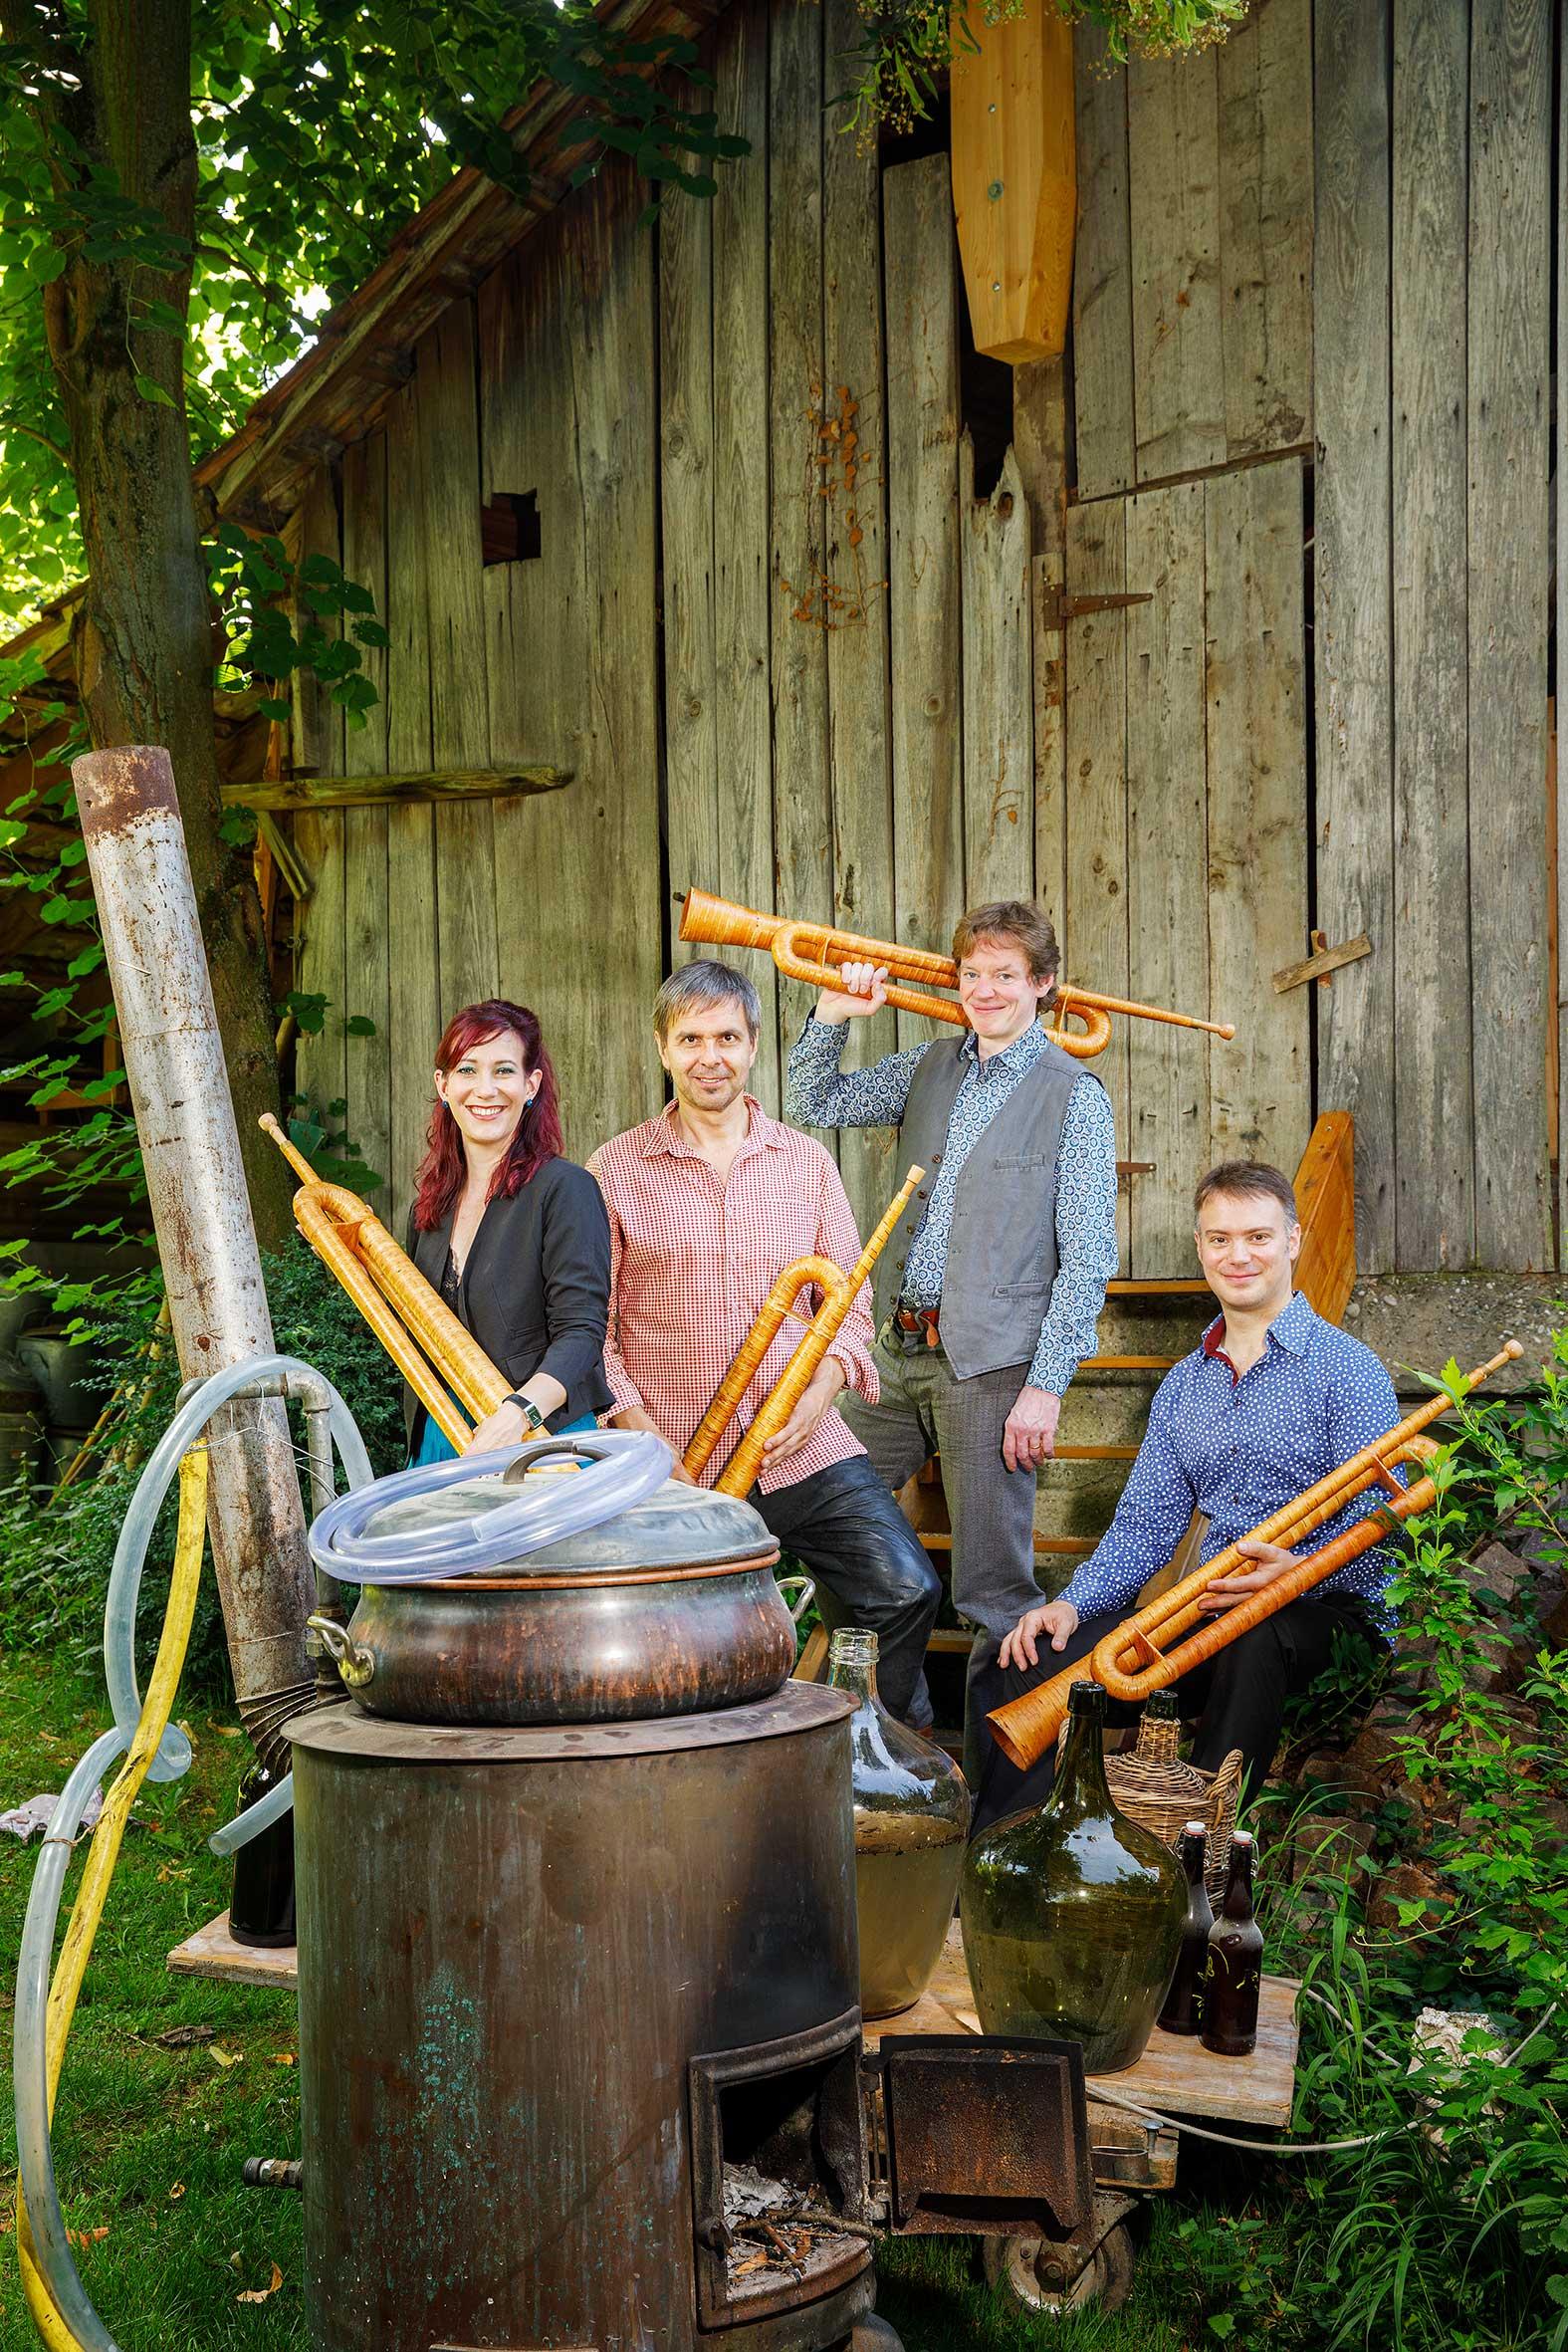 hornroh-modern-alphorn quartet eigenbraeu